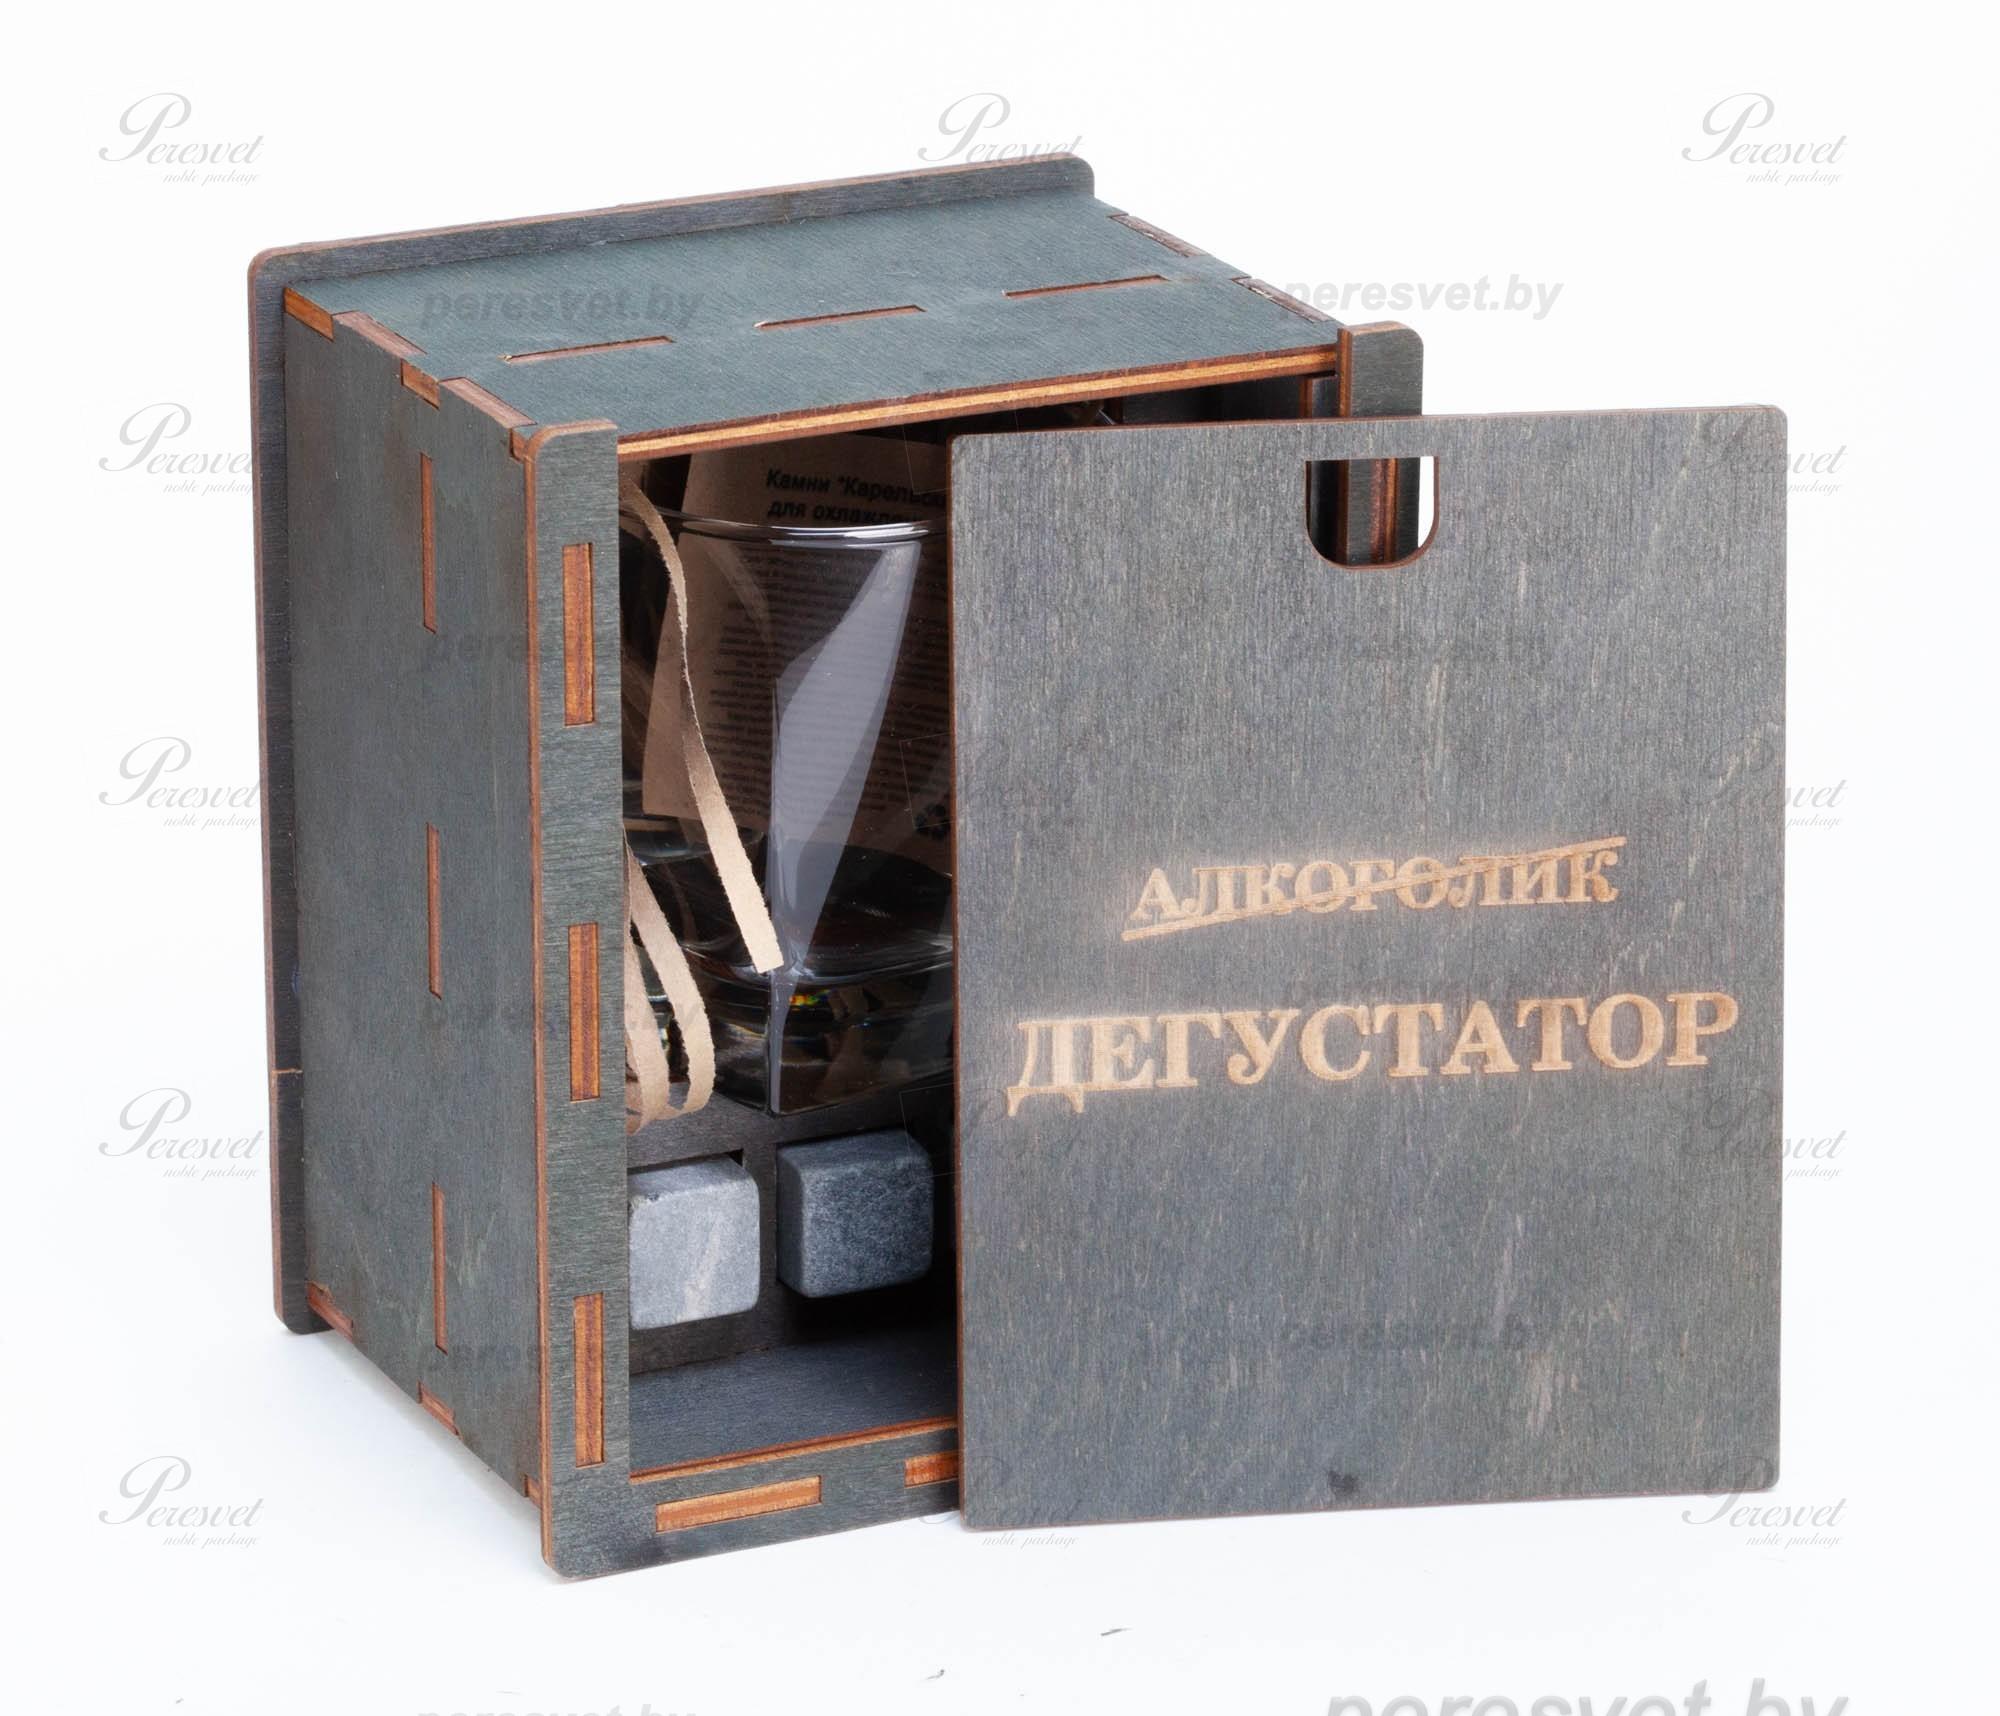 Подарочный набор Дегустатор Cosmo на peresvet.by